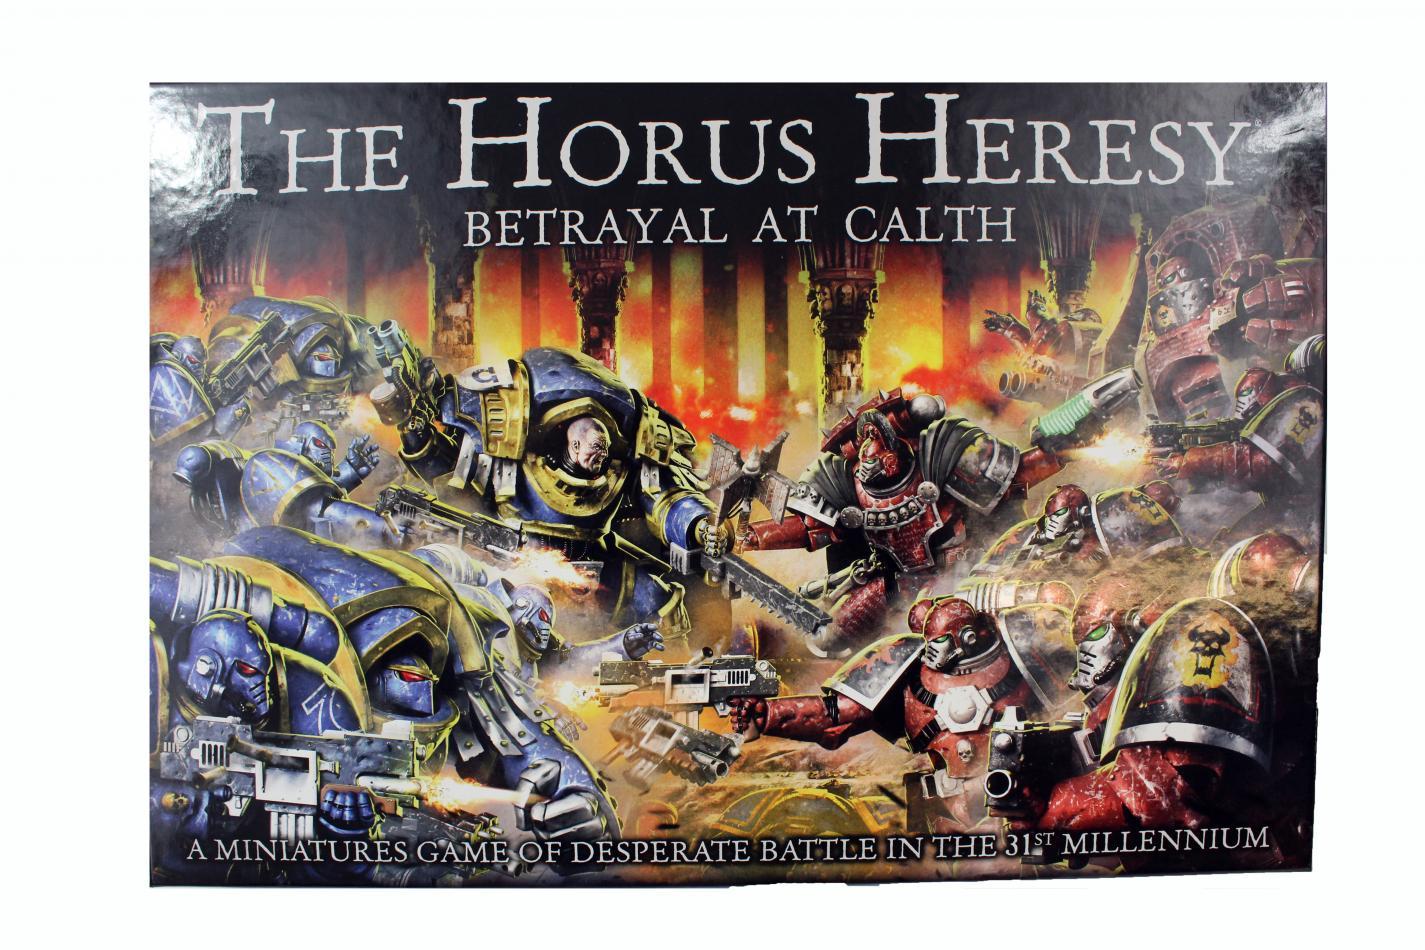 Horus Heresy: Betrayal at Calth (English)